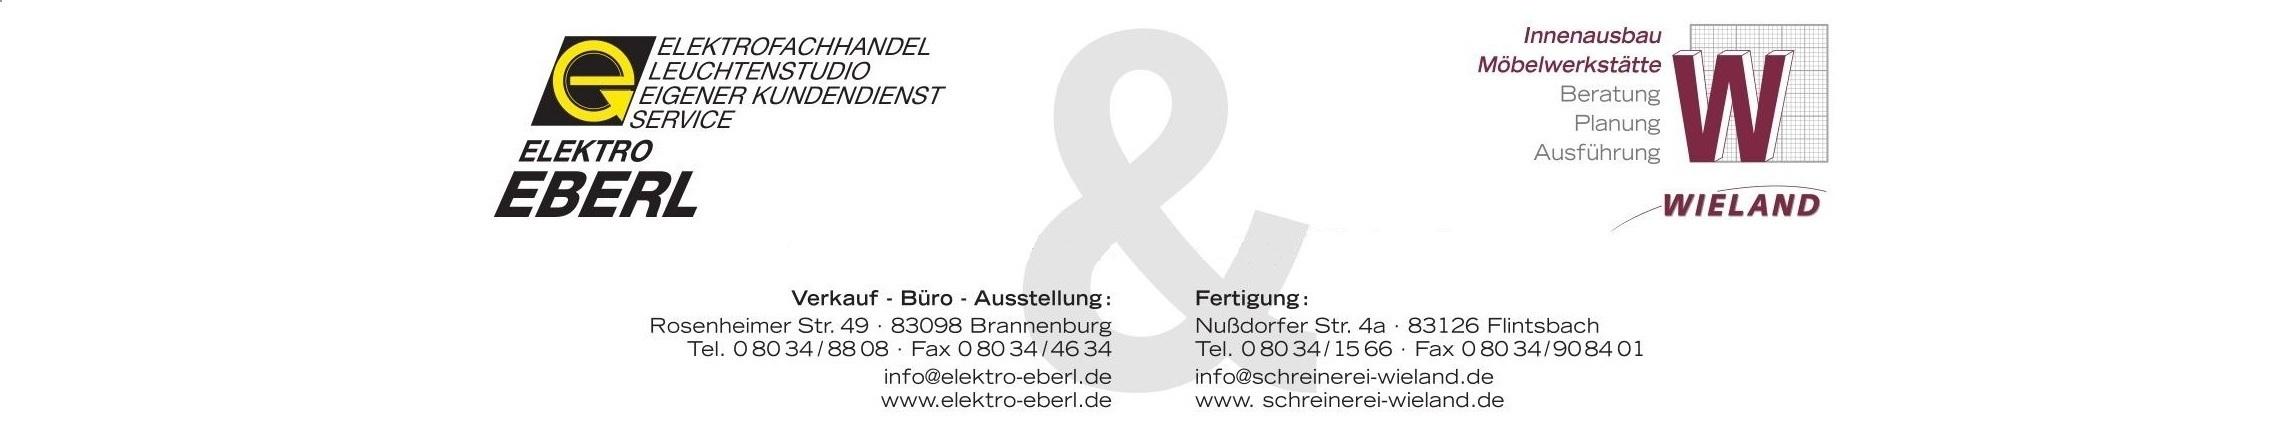 Elektro Eberl Schreinerei Wieland Brannenburgflintsbach